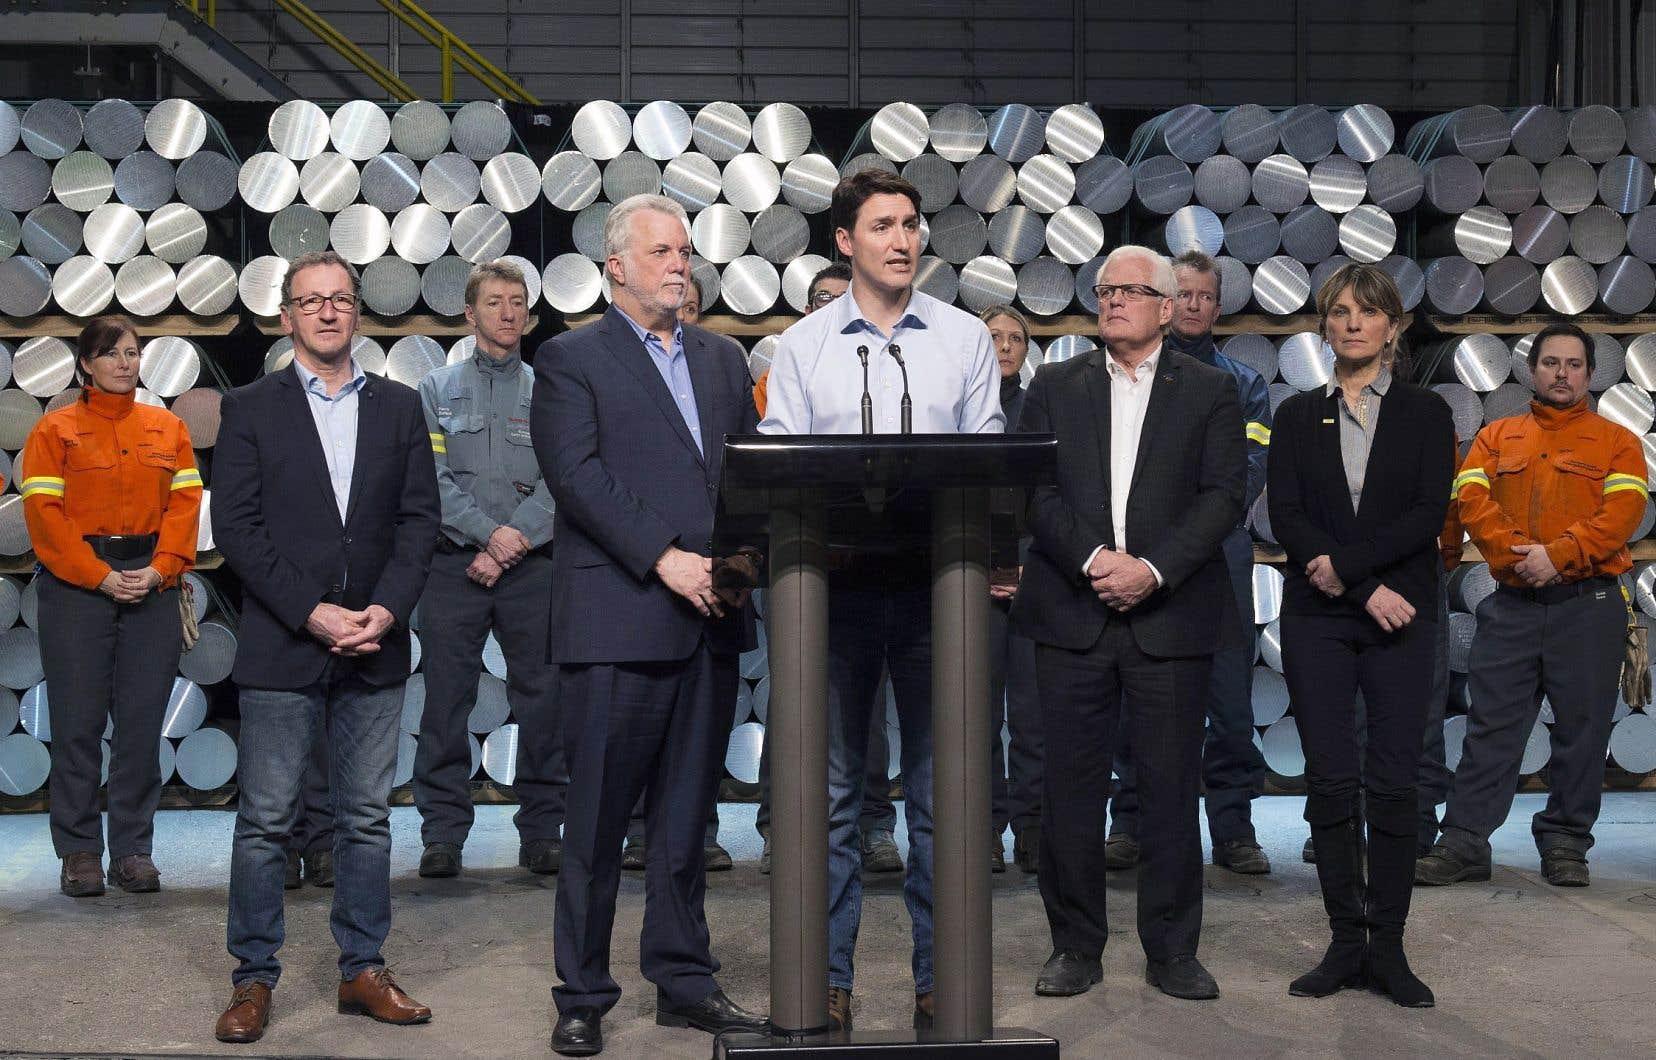 Le premier ministre du Canada, Justin Trudeau, et le premier ministre du Québec, Philippe Couillard, étaient de passage lundi à une usine d'aluminium de Rio Tinto au Saguenay.